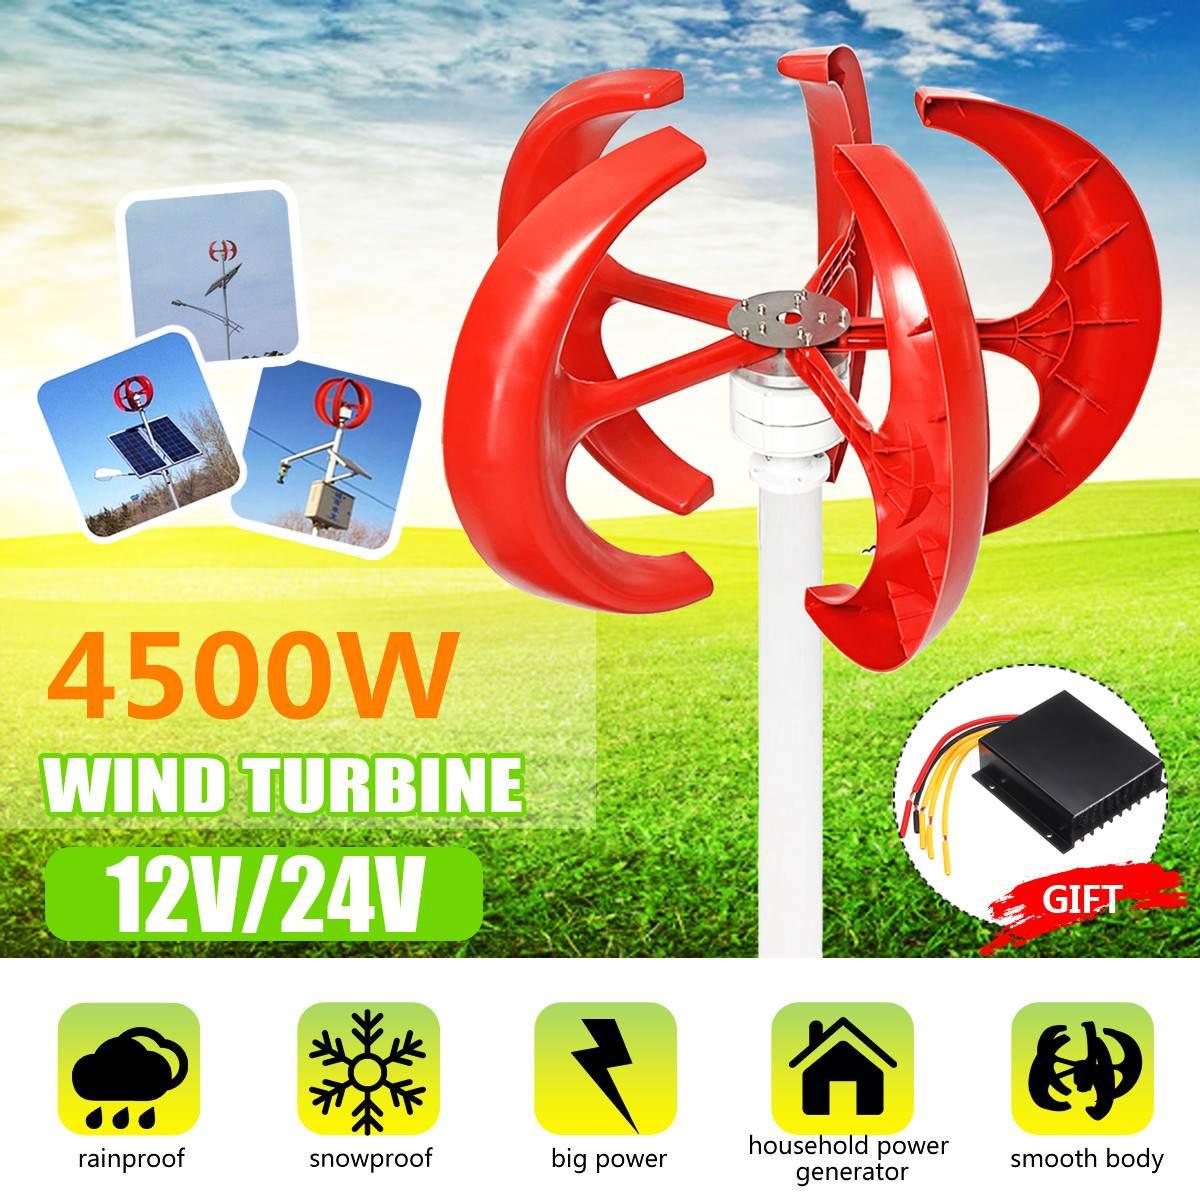 4500w 5 laminas 12v 24v eixo vertical turbinas eolicas gerador lanterna kit de motor eletromagnetico para